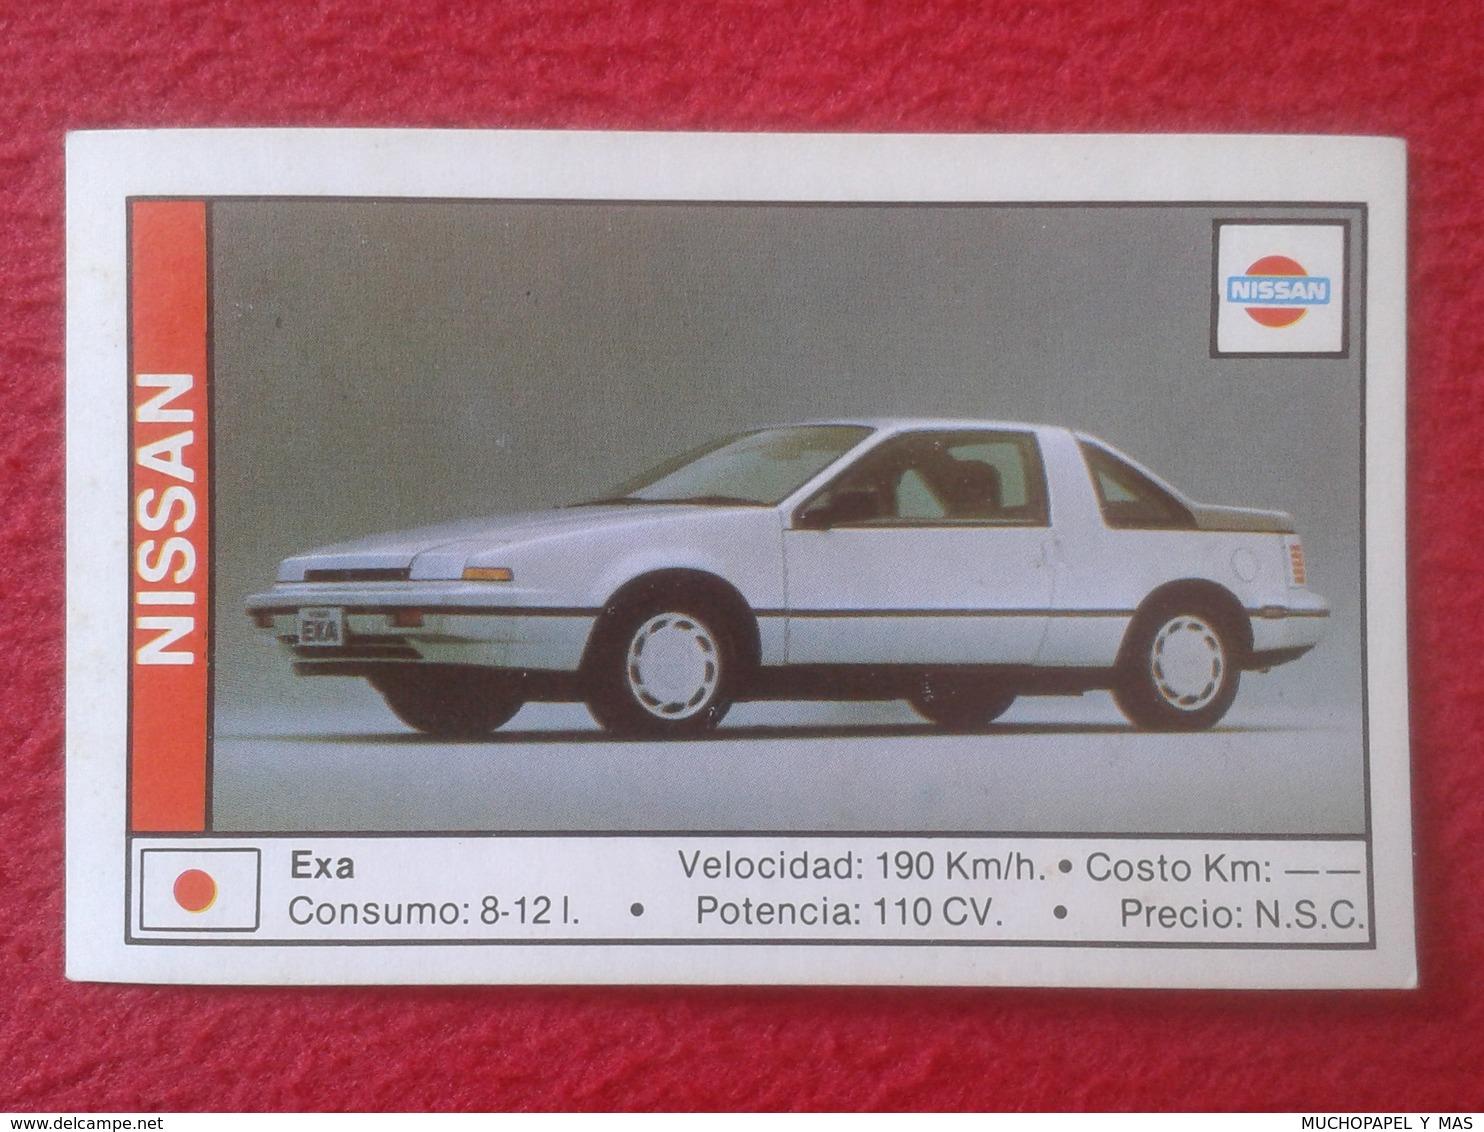 SPAIN ESPAGNE. ANTIGUO OLD CROMO ESTAMPA 1988 COCHES 89 COCHE CAR CARS AUTO AUTOMÓVIL NISSAN EXA JAPAN NIPPON JAPÓN VER - Cromos